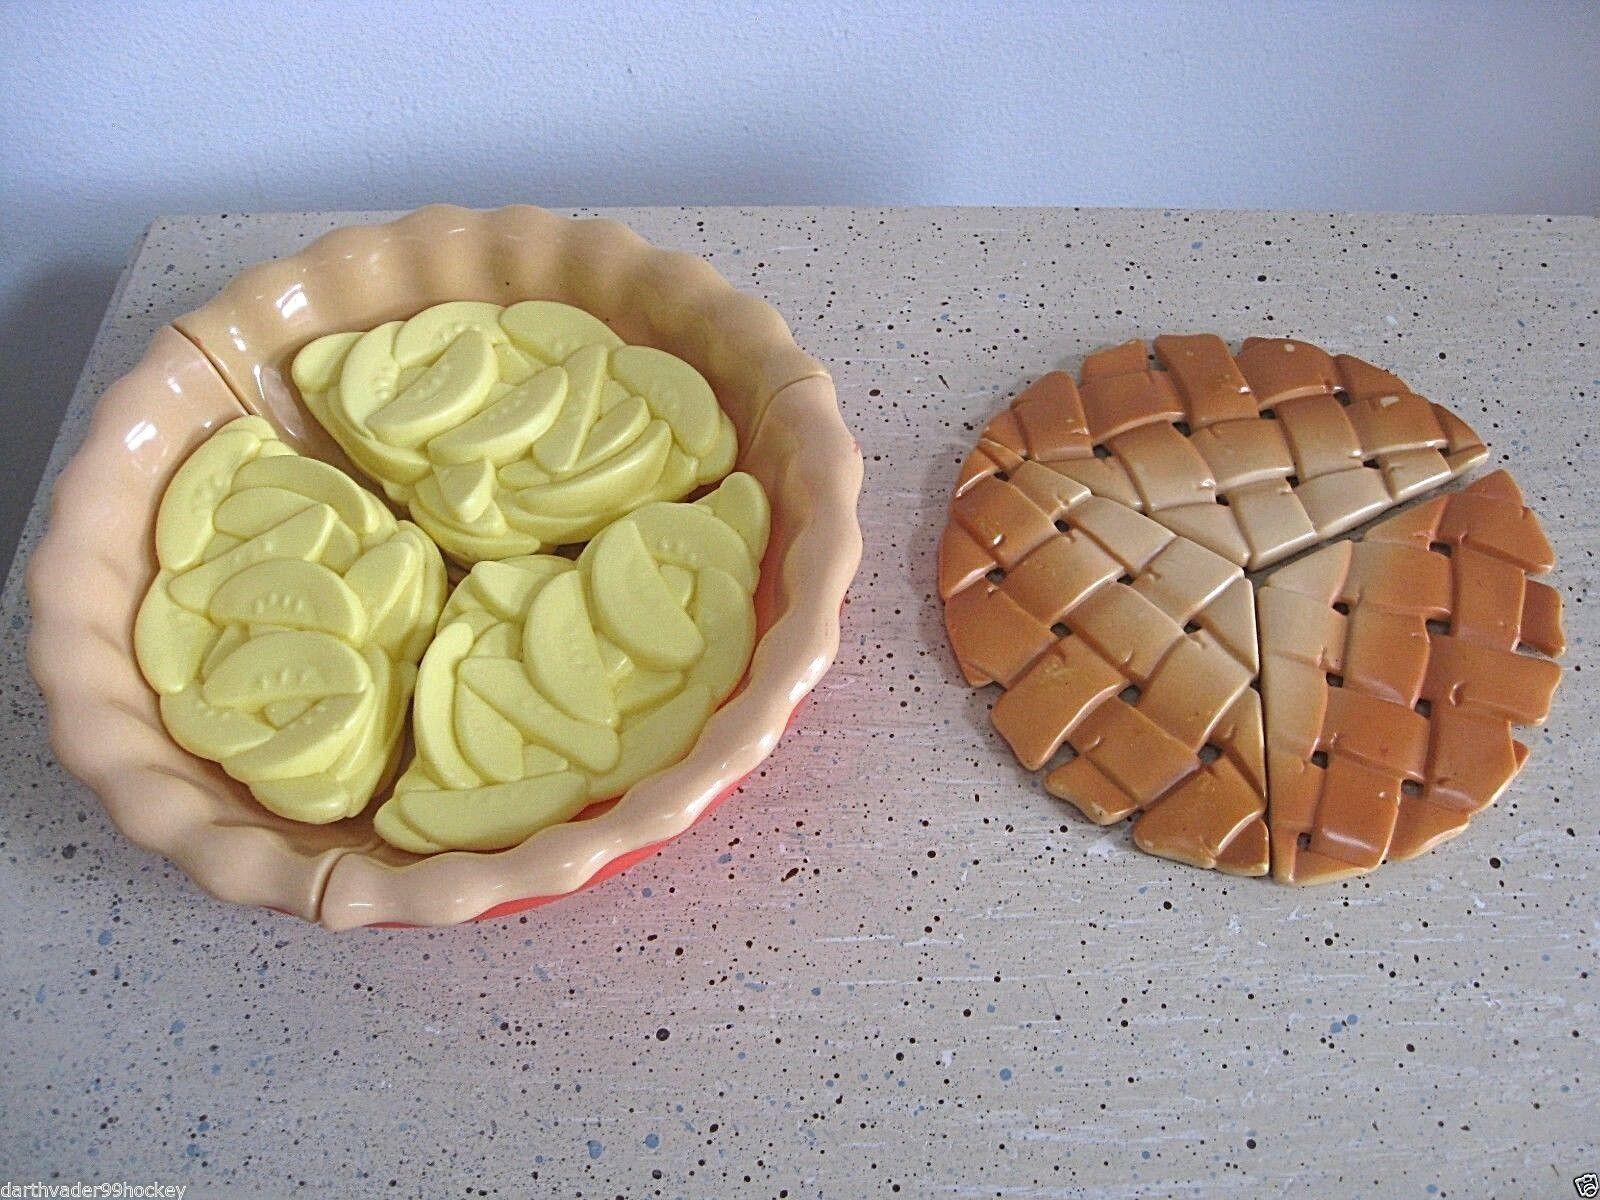 Fisher - price fun food tikes  berraschung obst gitter kuchen  apple - keine andere